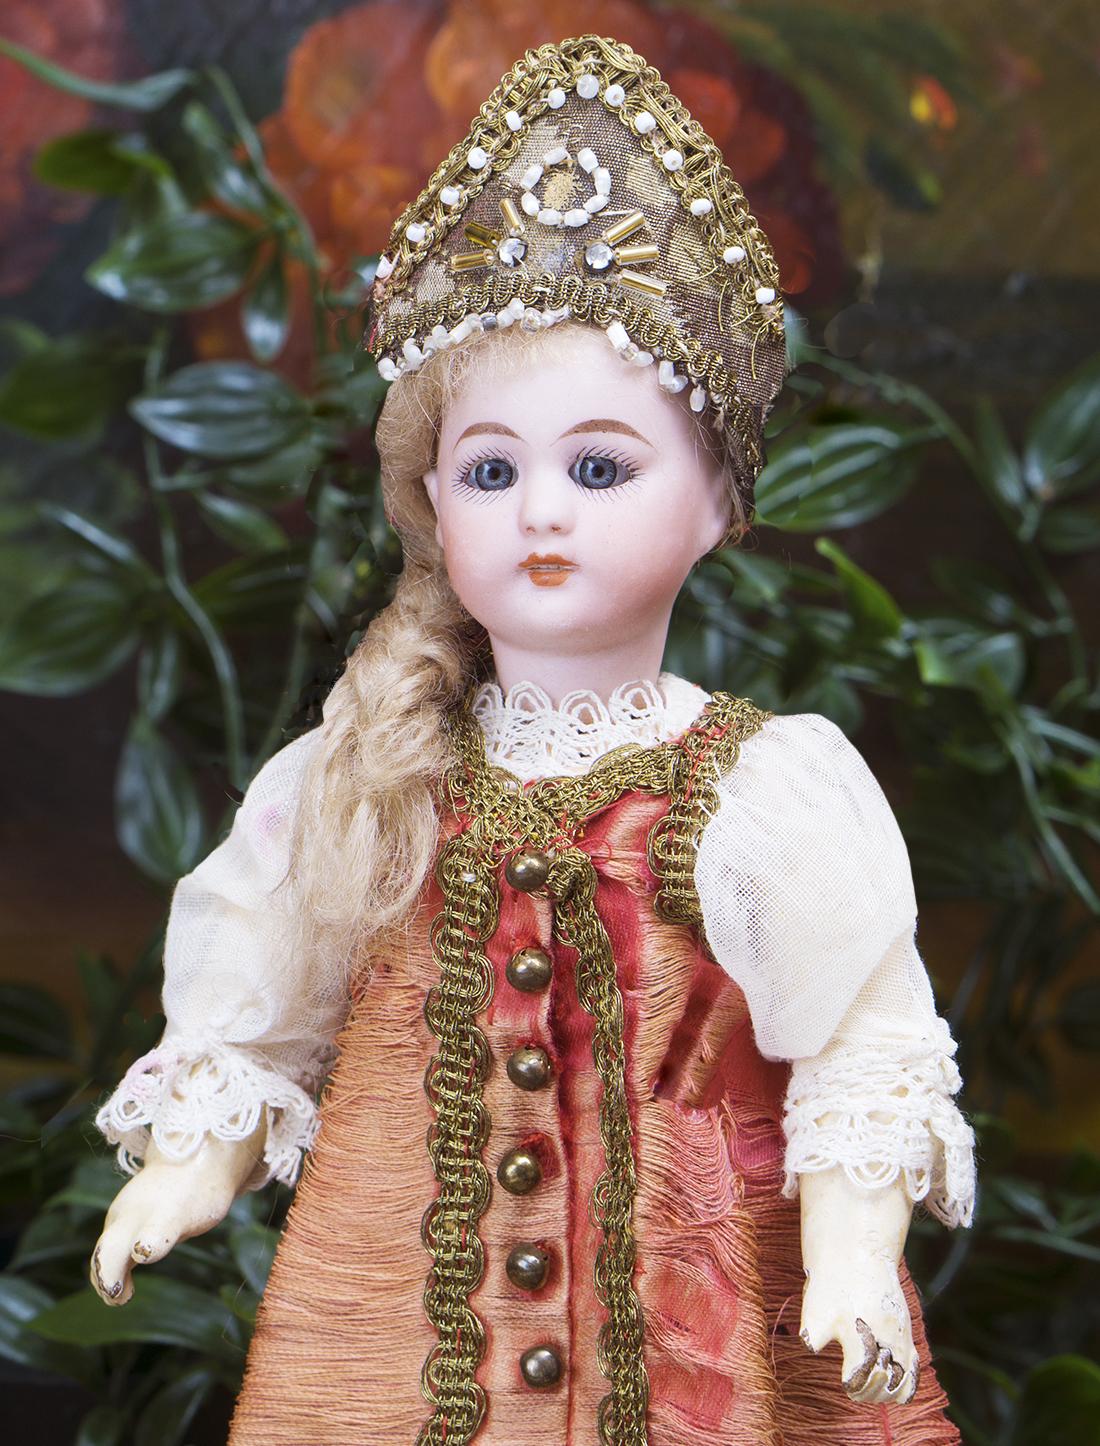 24 см Кукла Simon & Halbig  в оригинальном русском костюме, модель 1078, 1900е годы